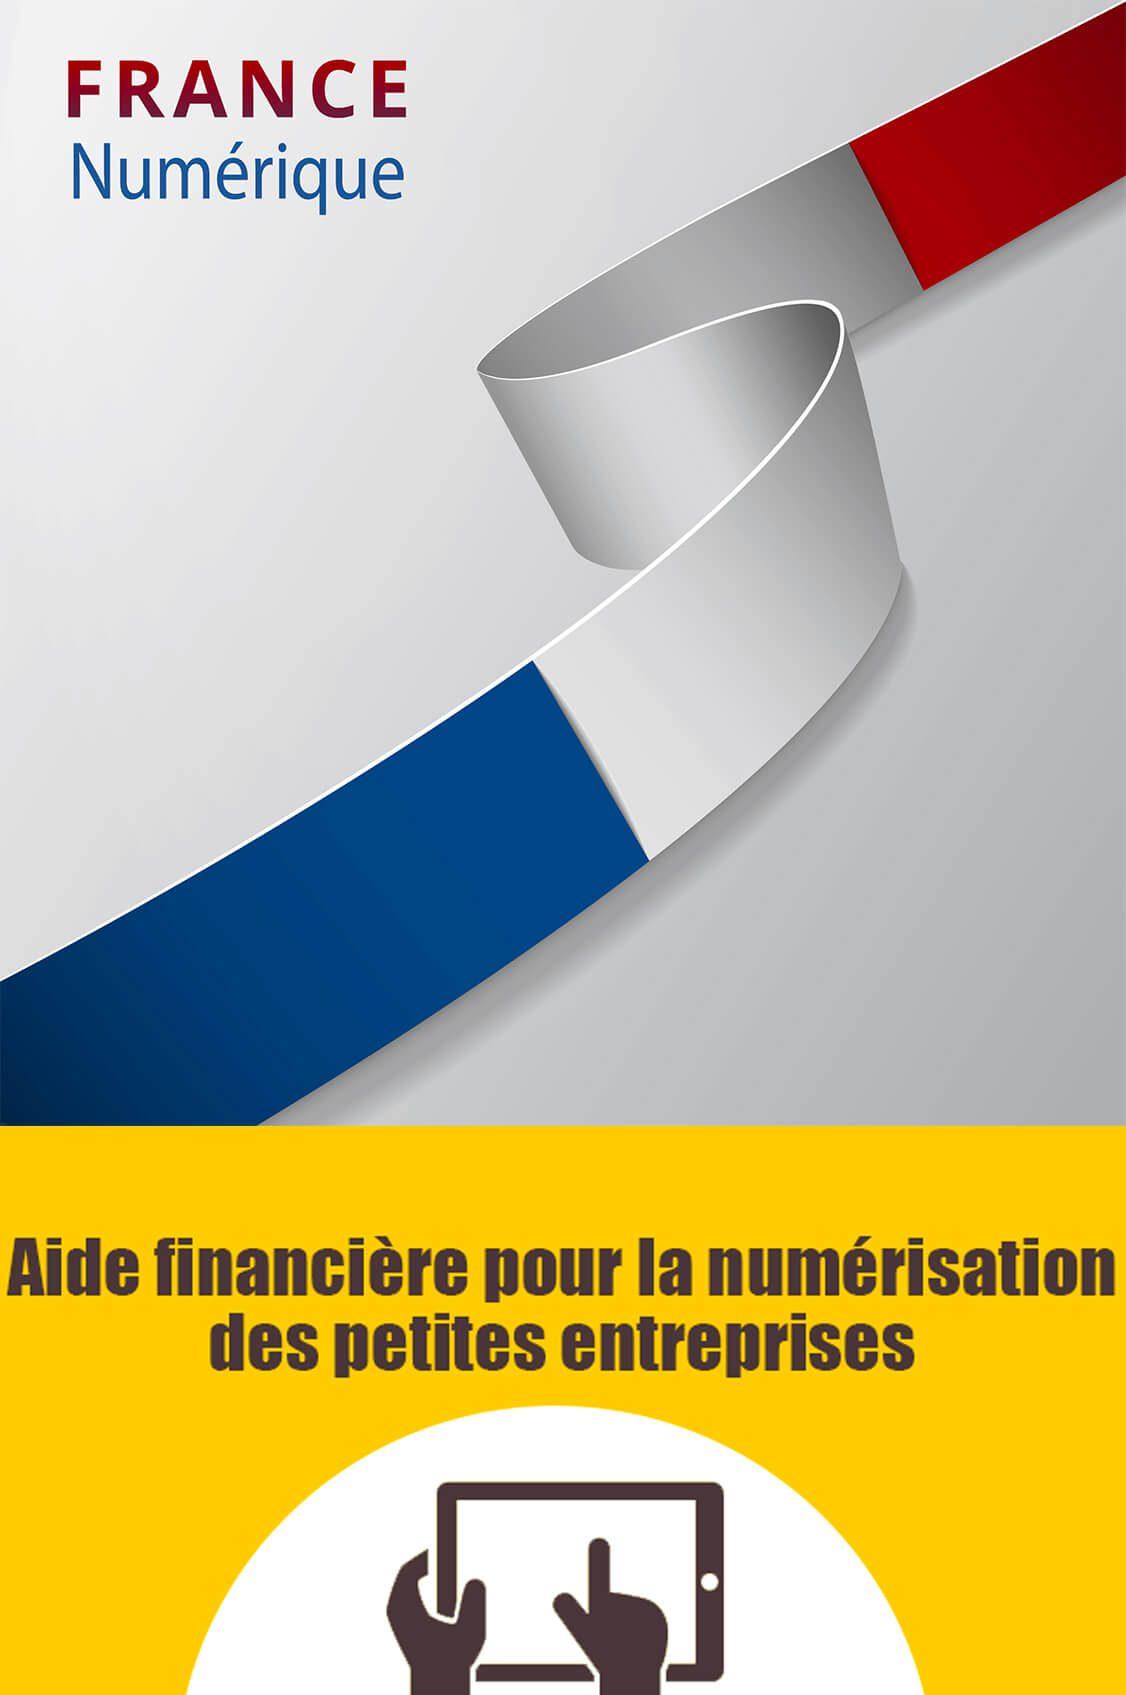 aides-pour-les-petites-entreprises